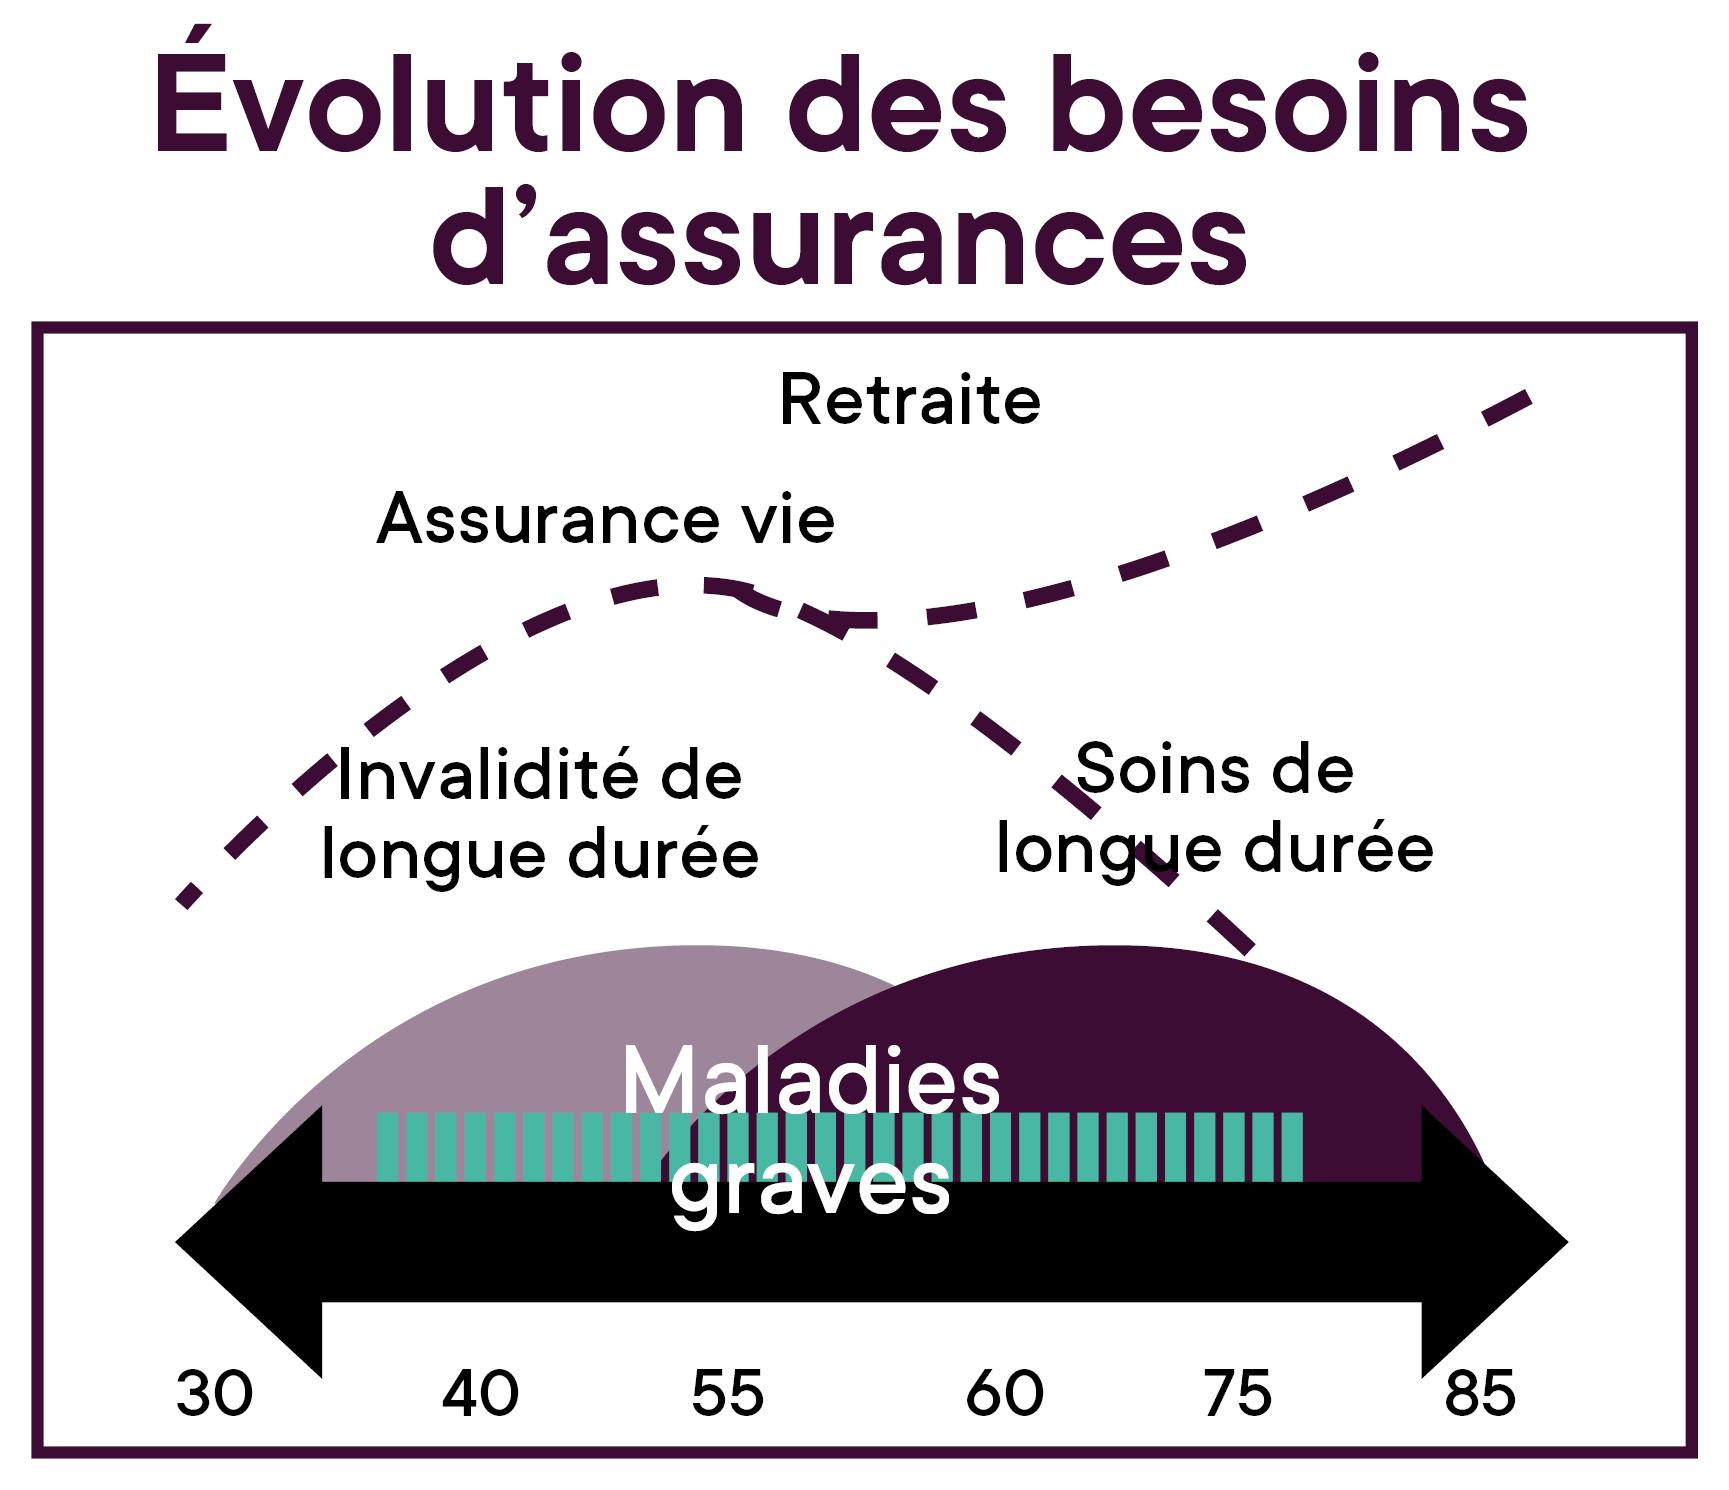 Image_Capsule_Vos_assurances_etudes-debut-carriere_Besoins